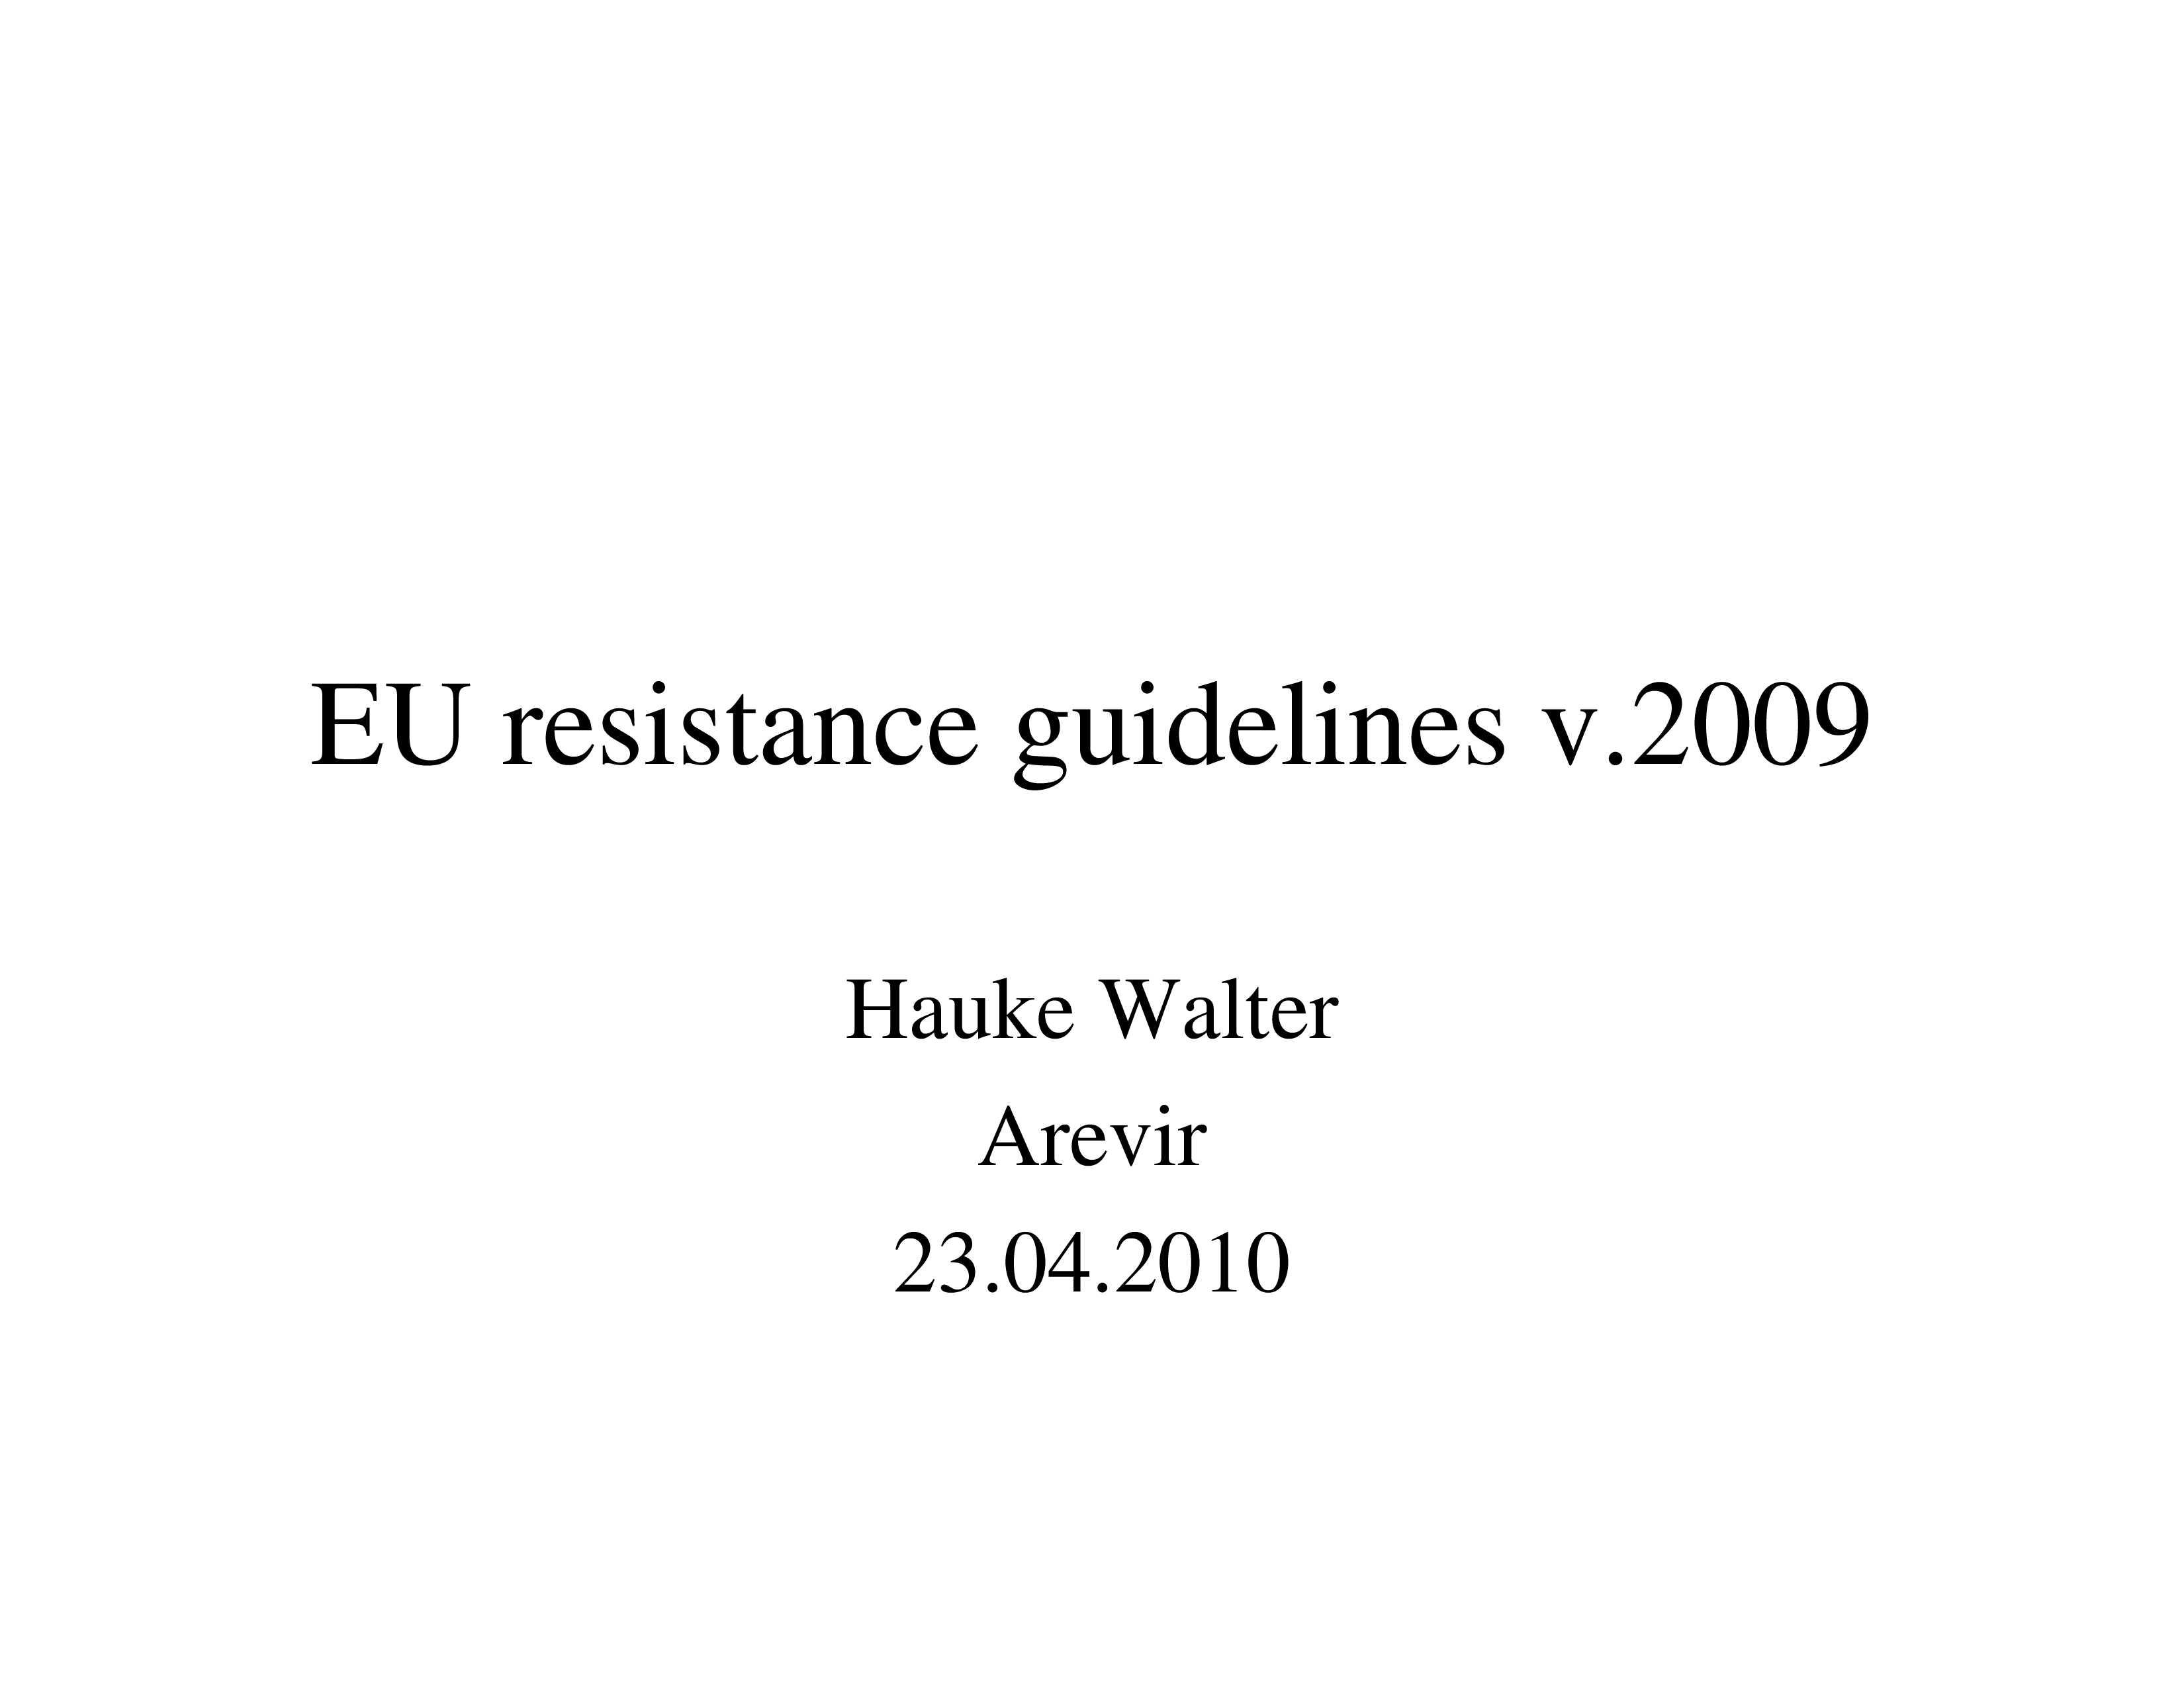 03_Hauke_EU_resistance_guidelines_2009-000001.jpeg